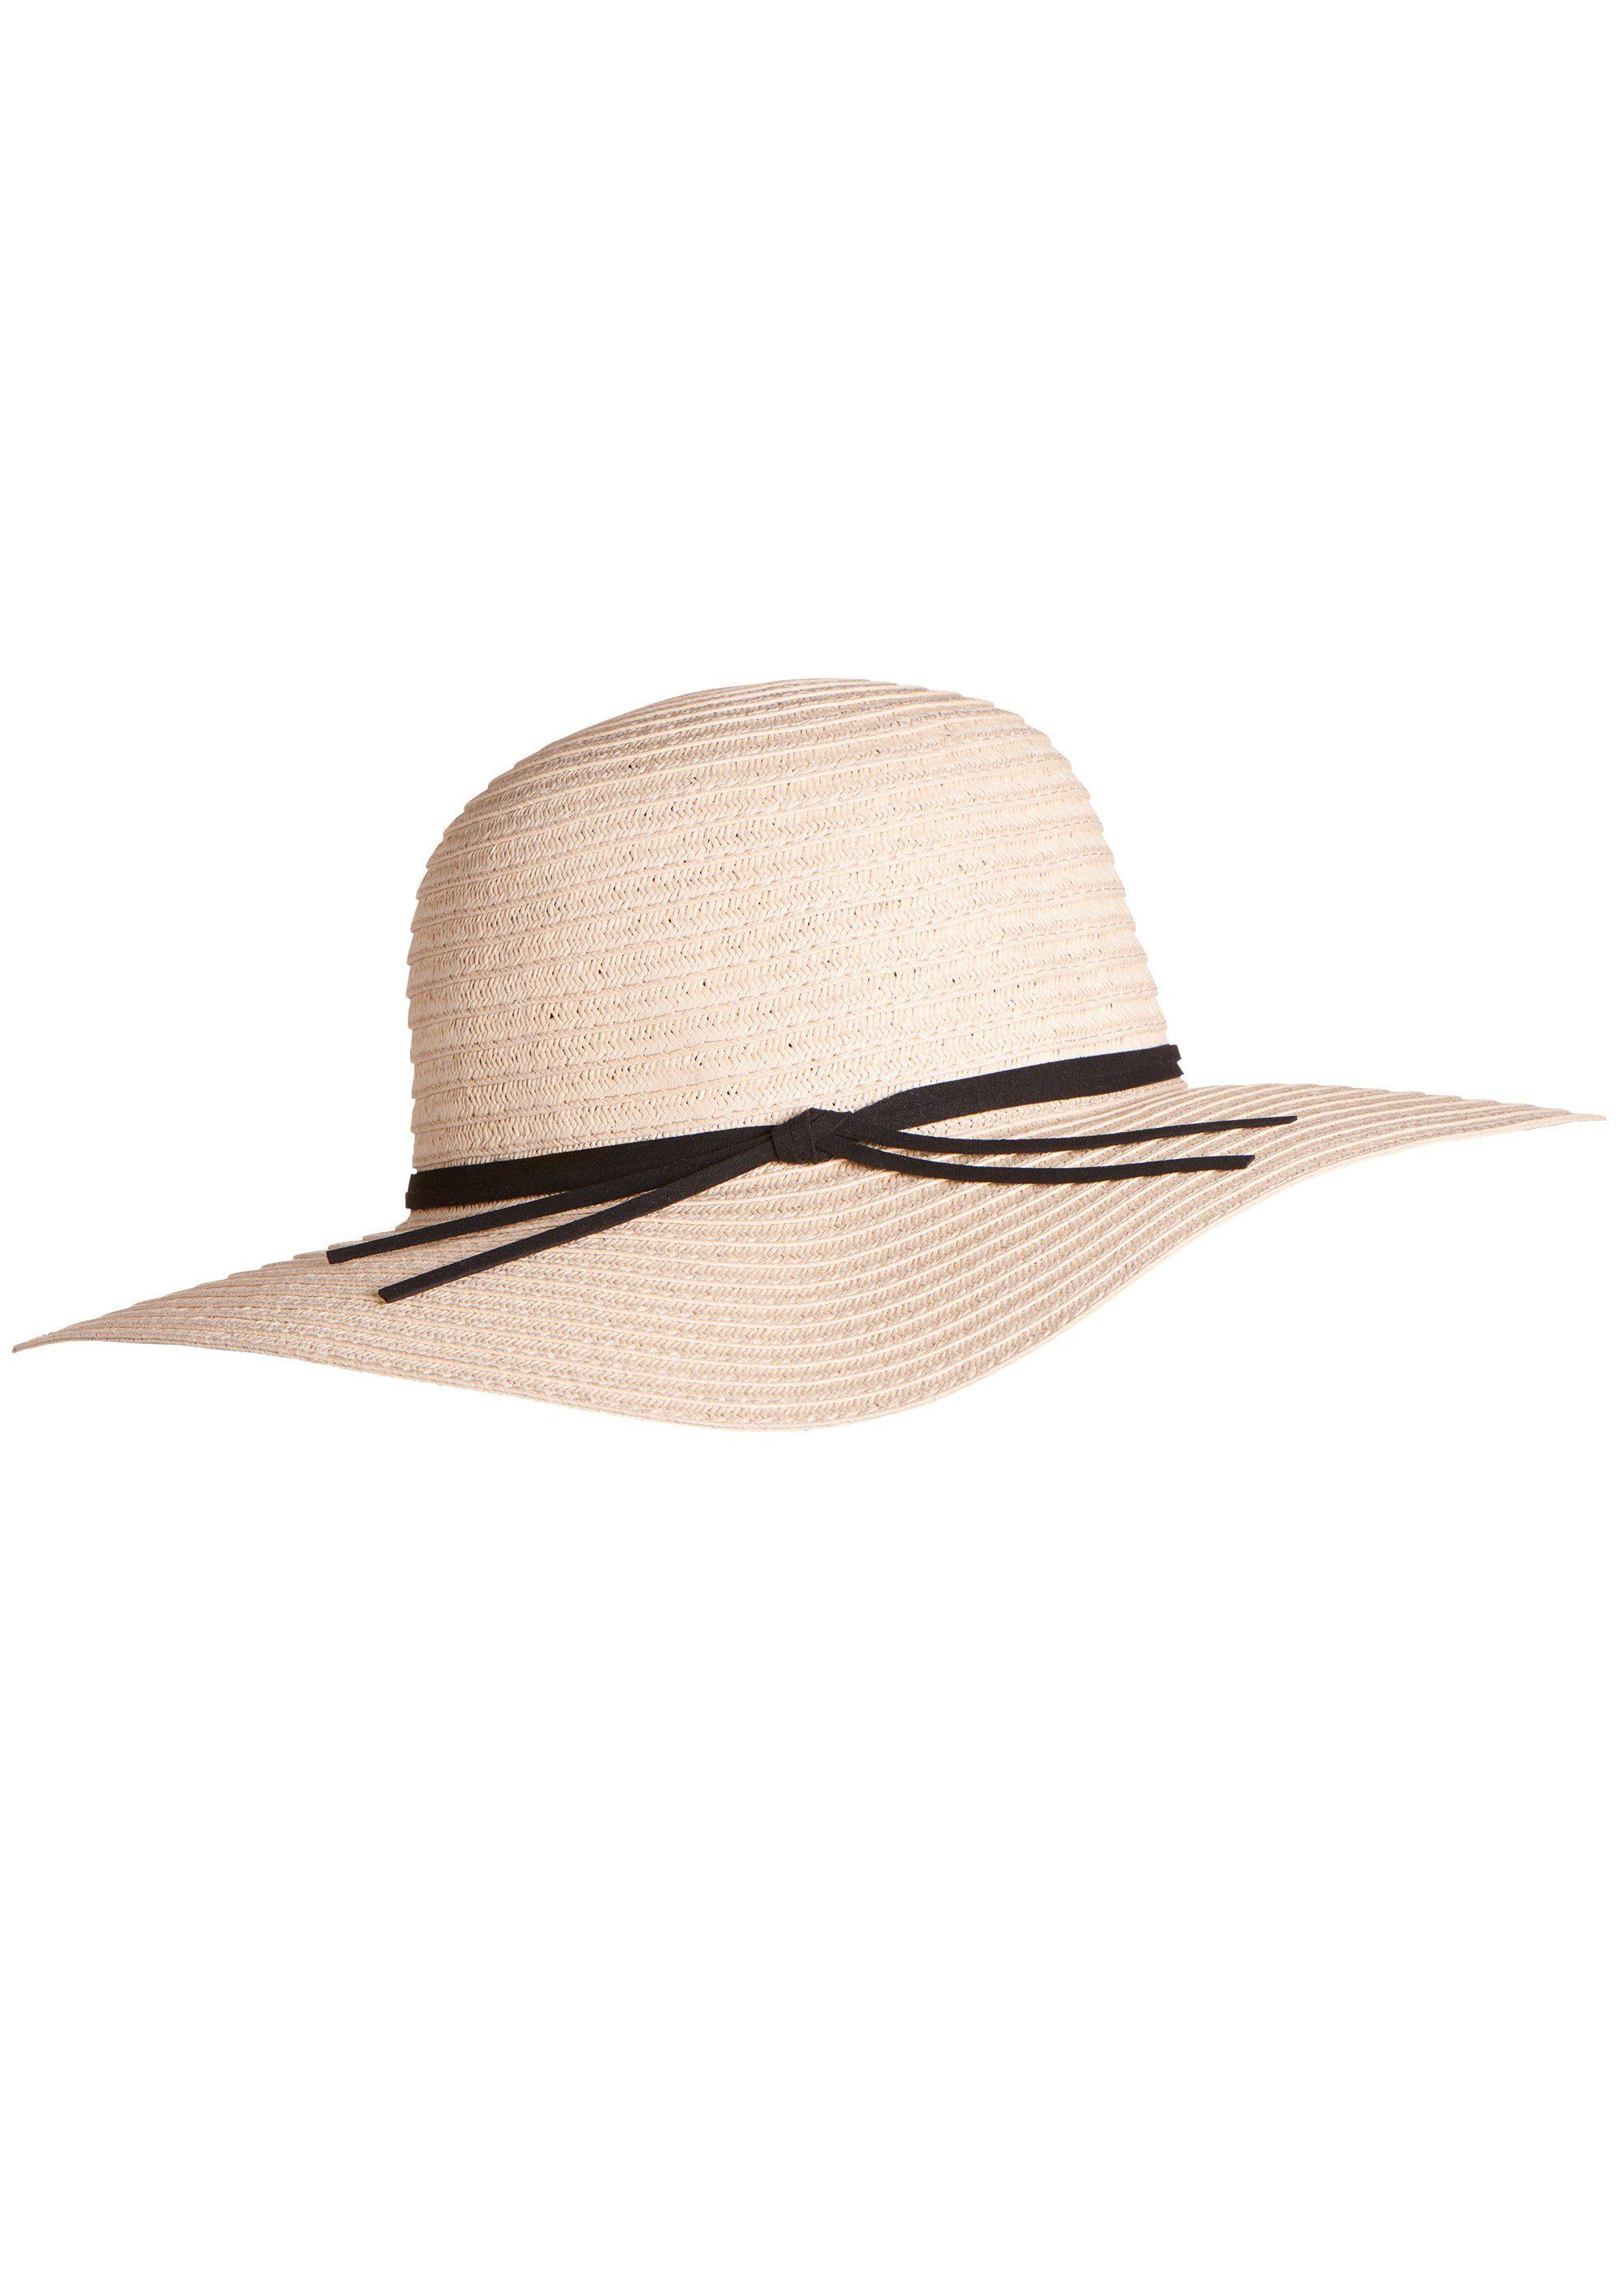 Stöhr Koffer-Strohhut für Frauen | Taschen > Koffer & Trolleys > Sonstige Koffer | Stöhr